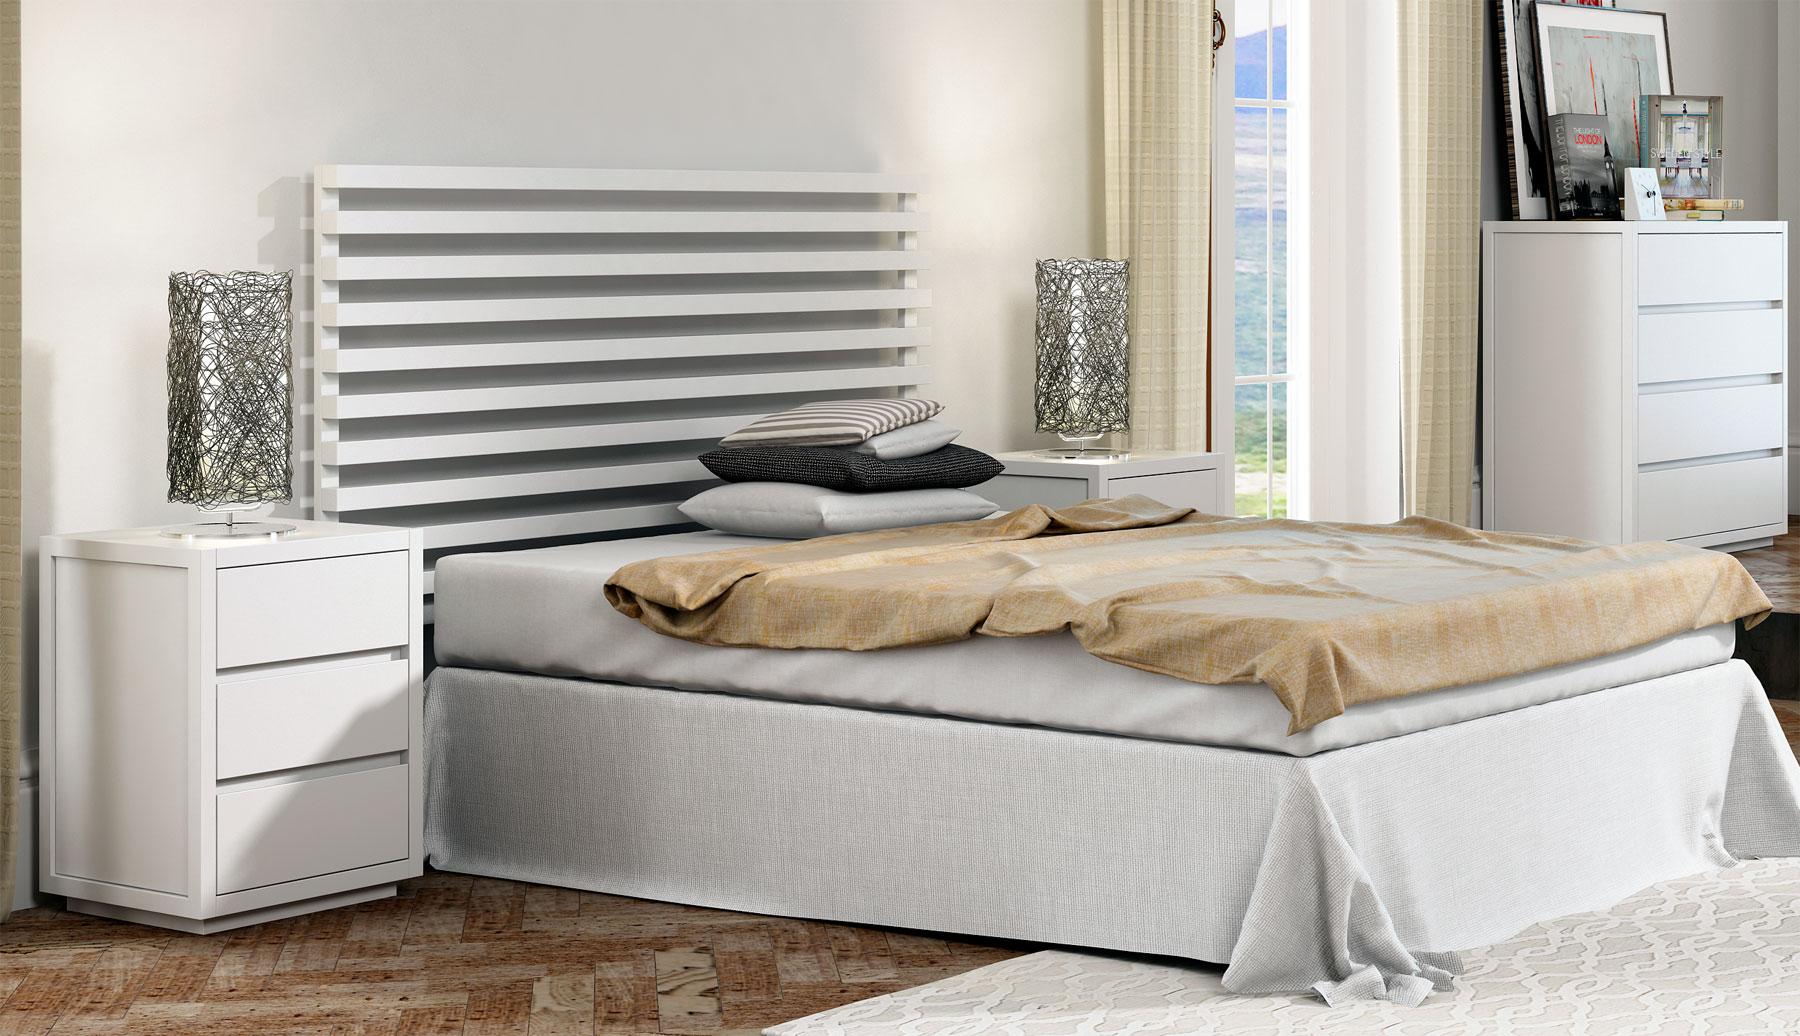 Muebles de dormitorio blancos for Muebles blancos dormitorio